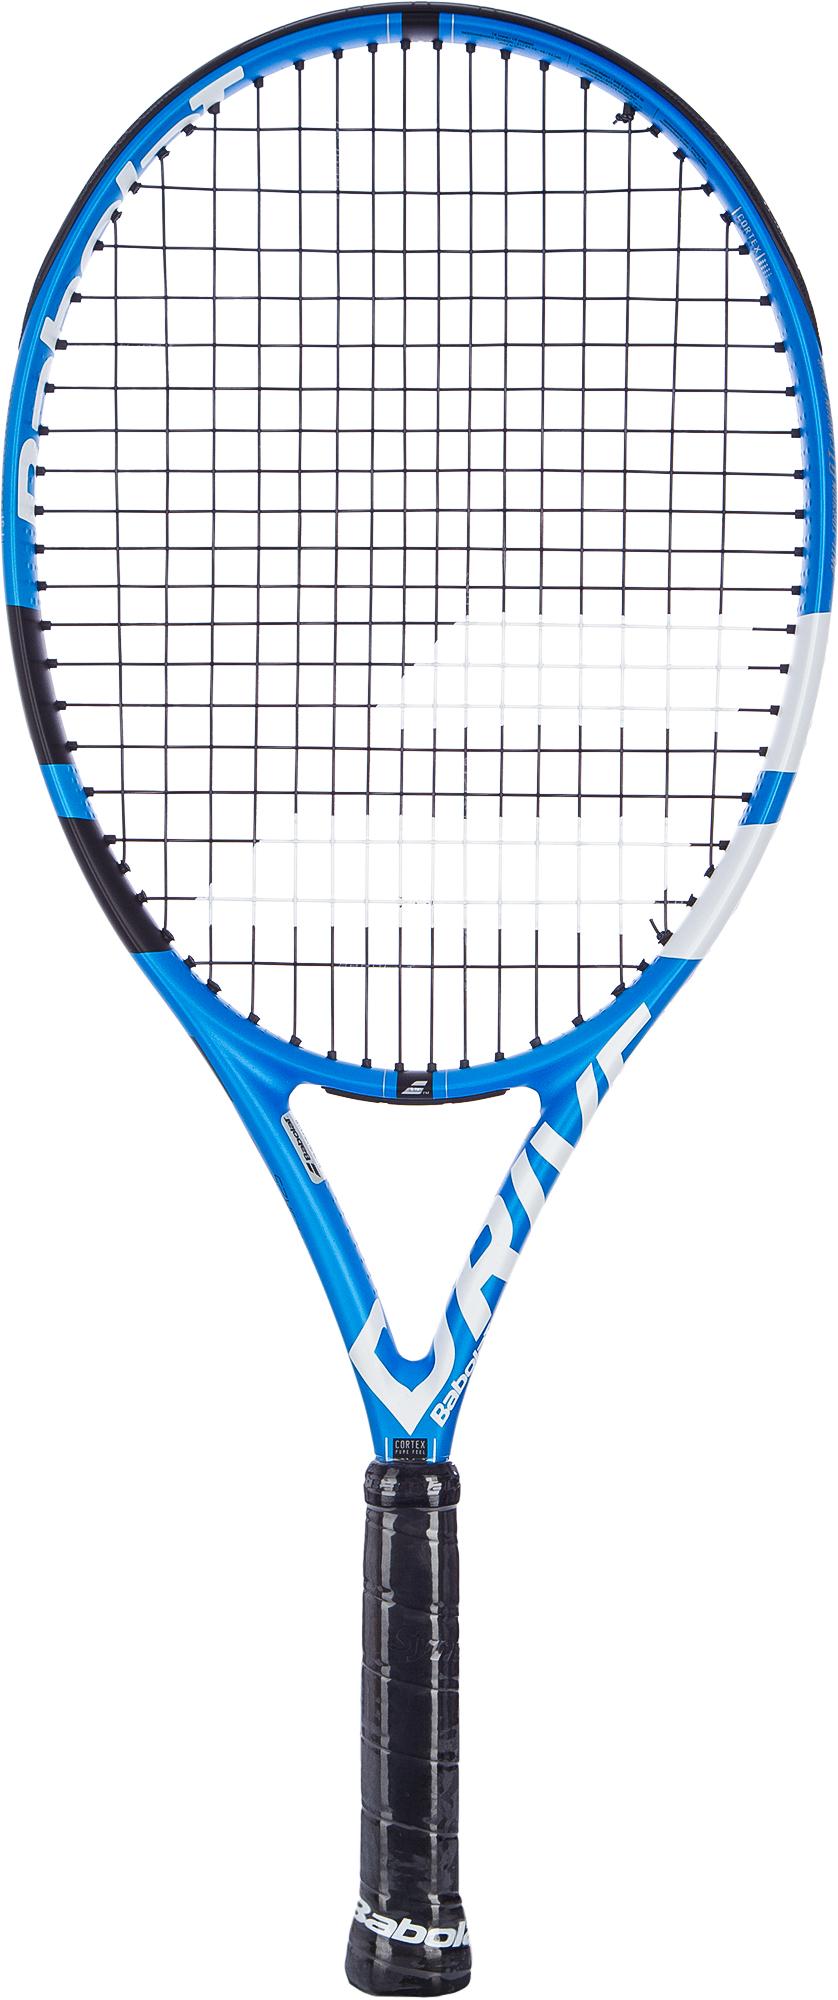 Babolat Ракетка для большого тенниса детская Babolat PURE DRIVE JUNIOR 25 babolat набор мячей для большого тенниса babolat championship x3 размер без размера